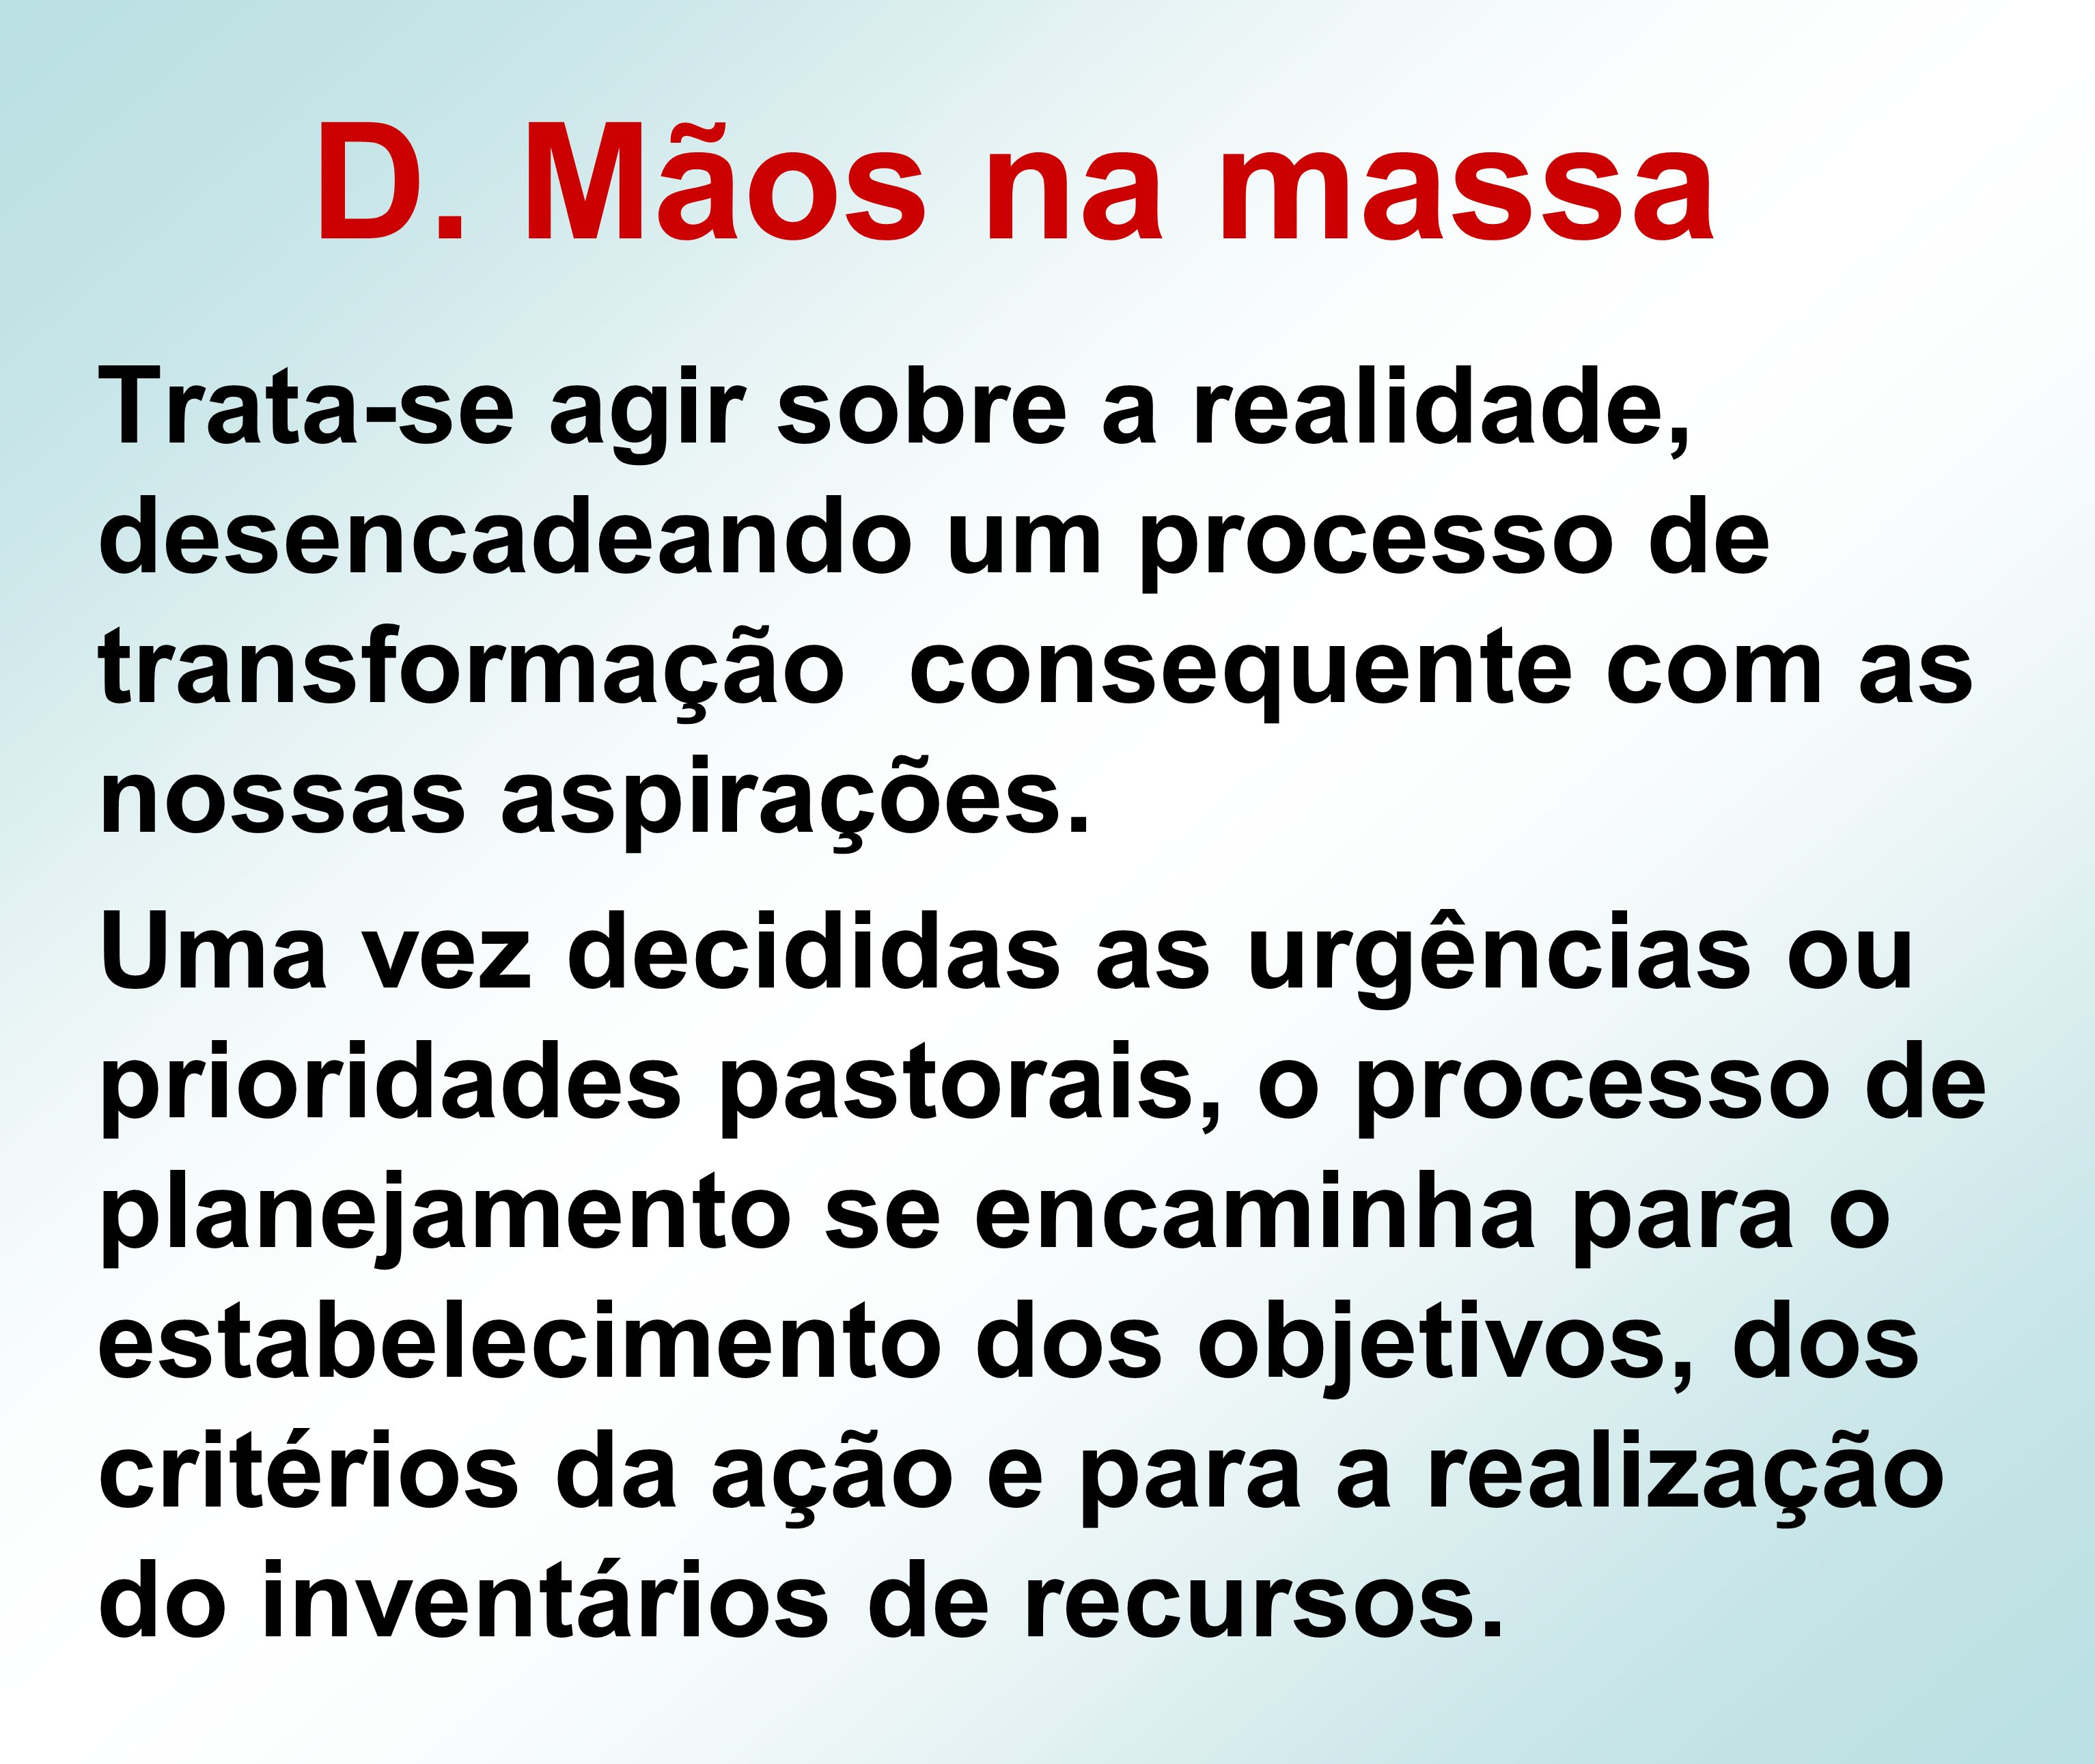 D. Mãos na massaTrata-se agir sobre a realidade, desencadeando um processo de transformação consequente com as nossas aspirações.